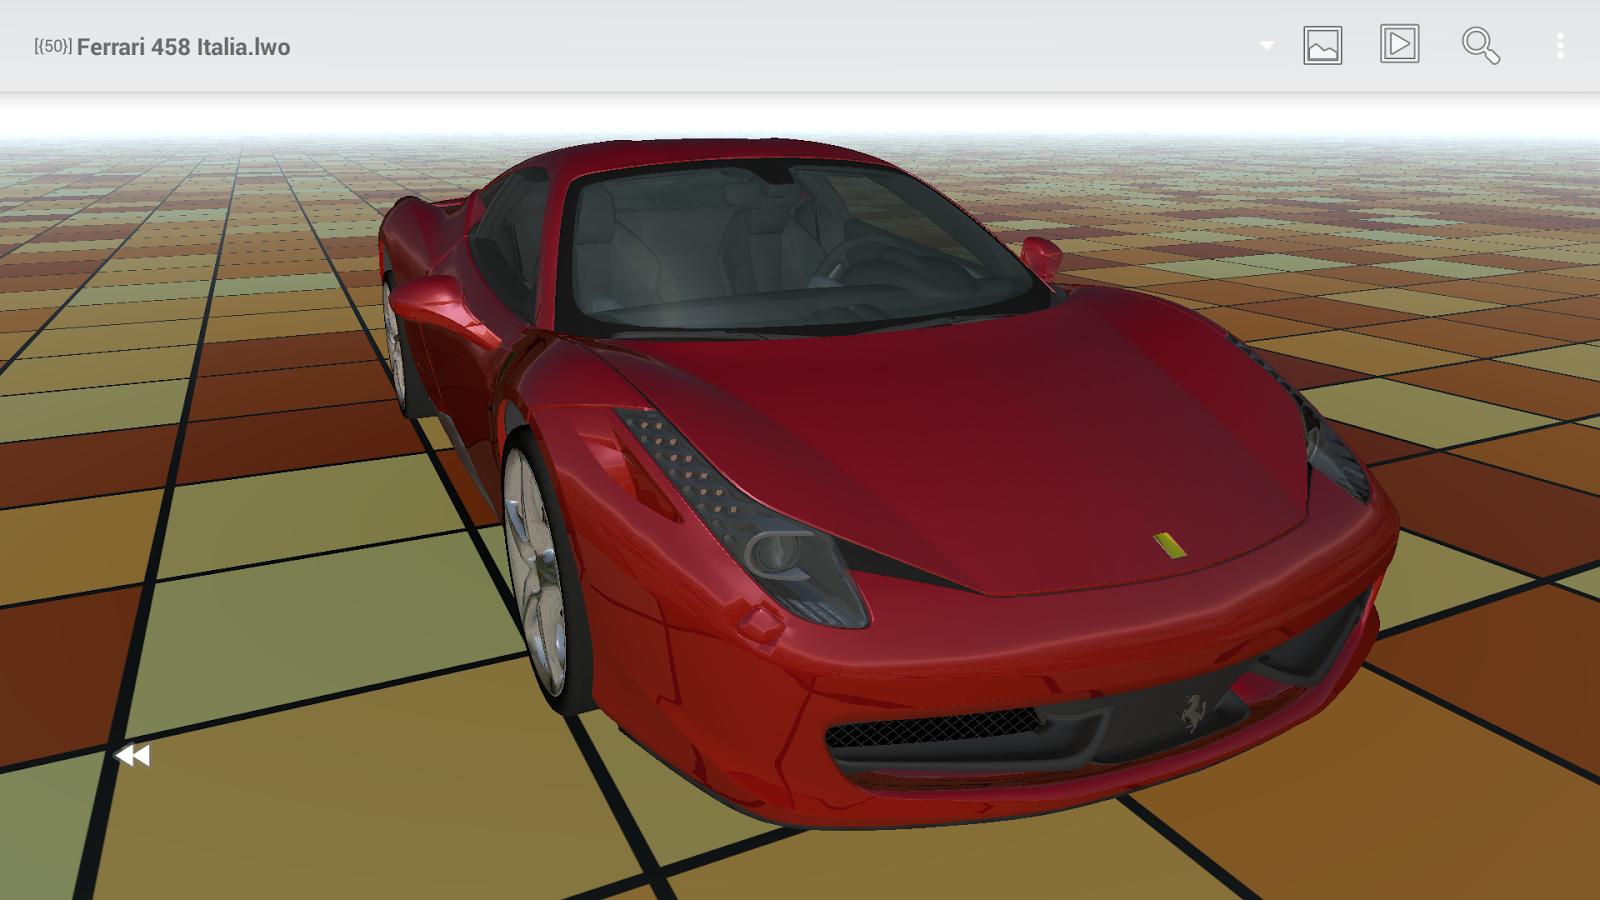 Buf3D 3d and lego model viewer - screenshot